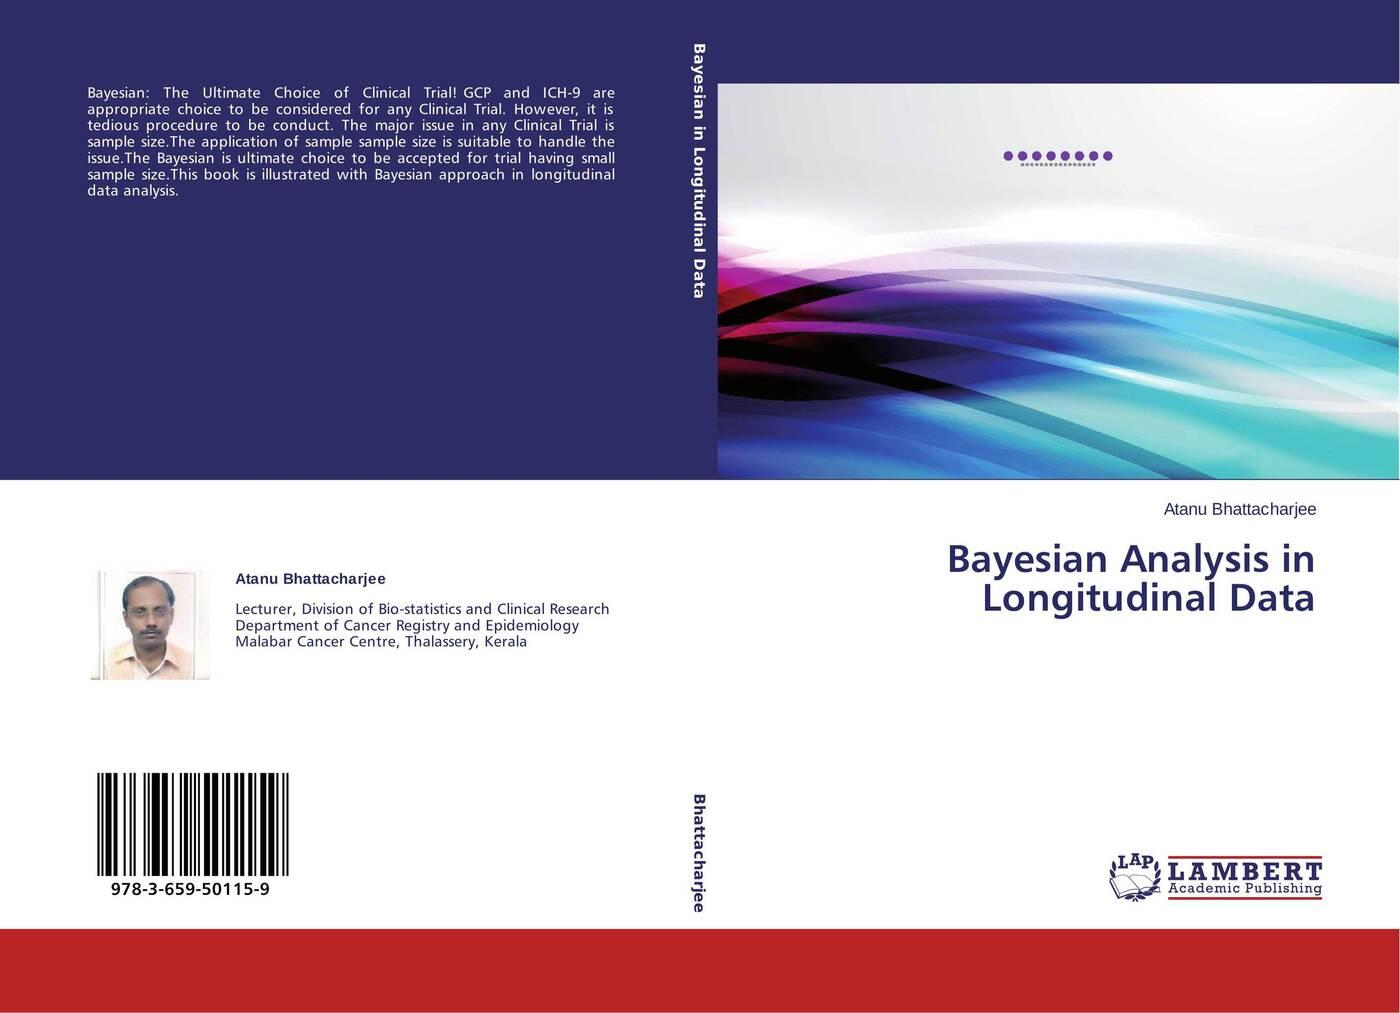 Atanu Bhattacharjee Bayesian Analysis in Longitudinal Data